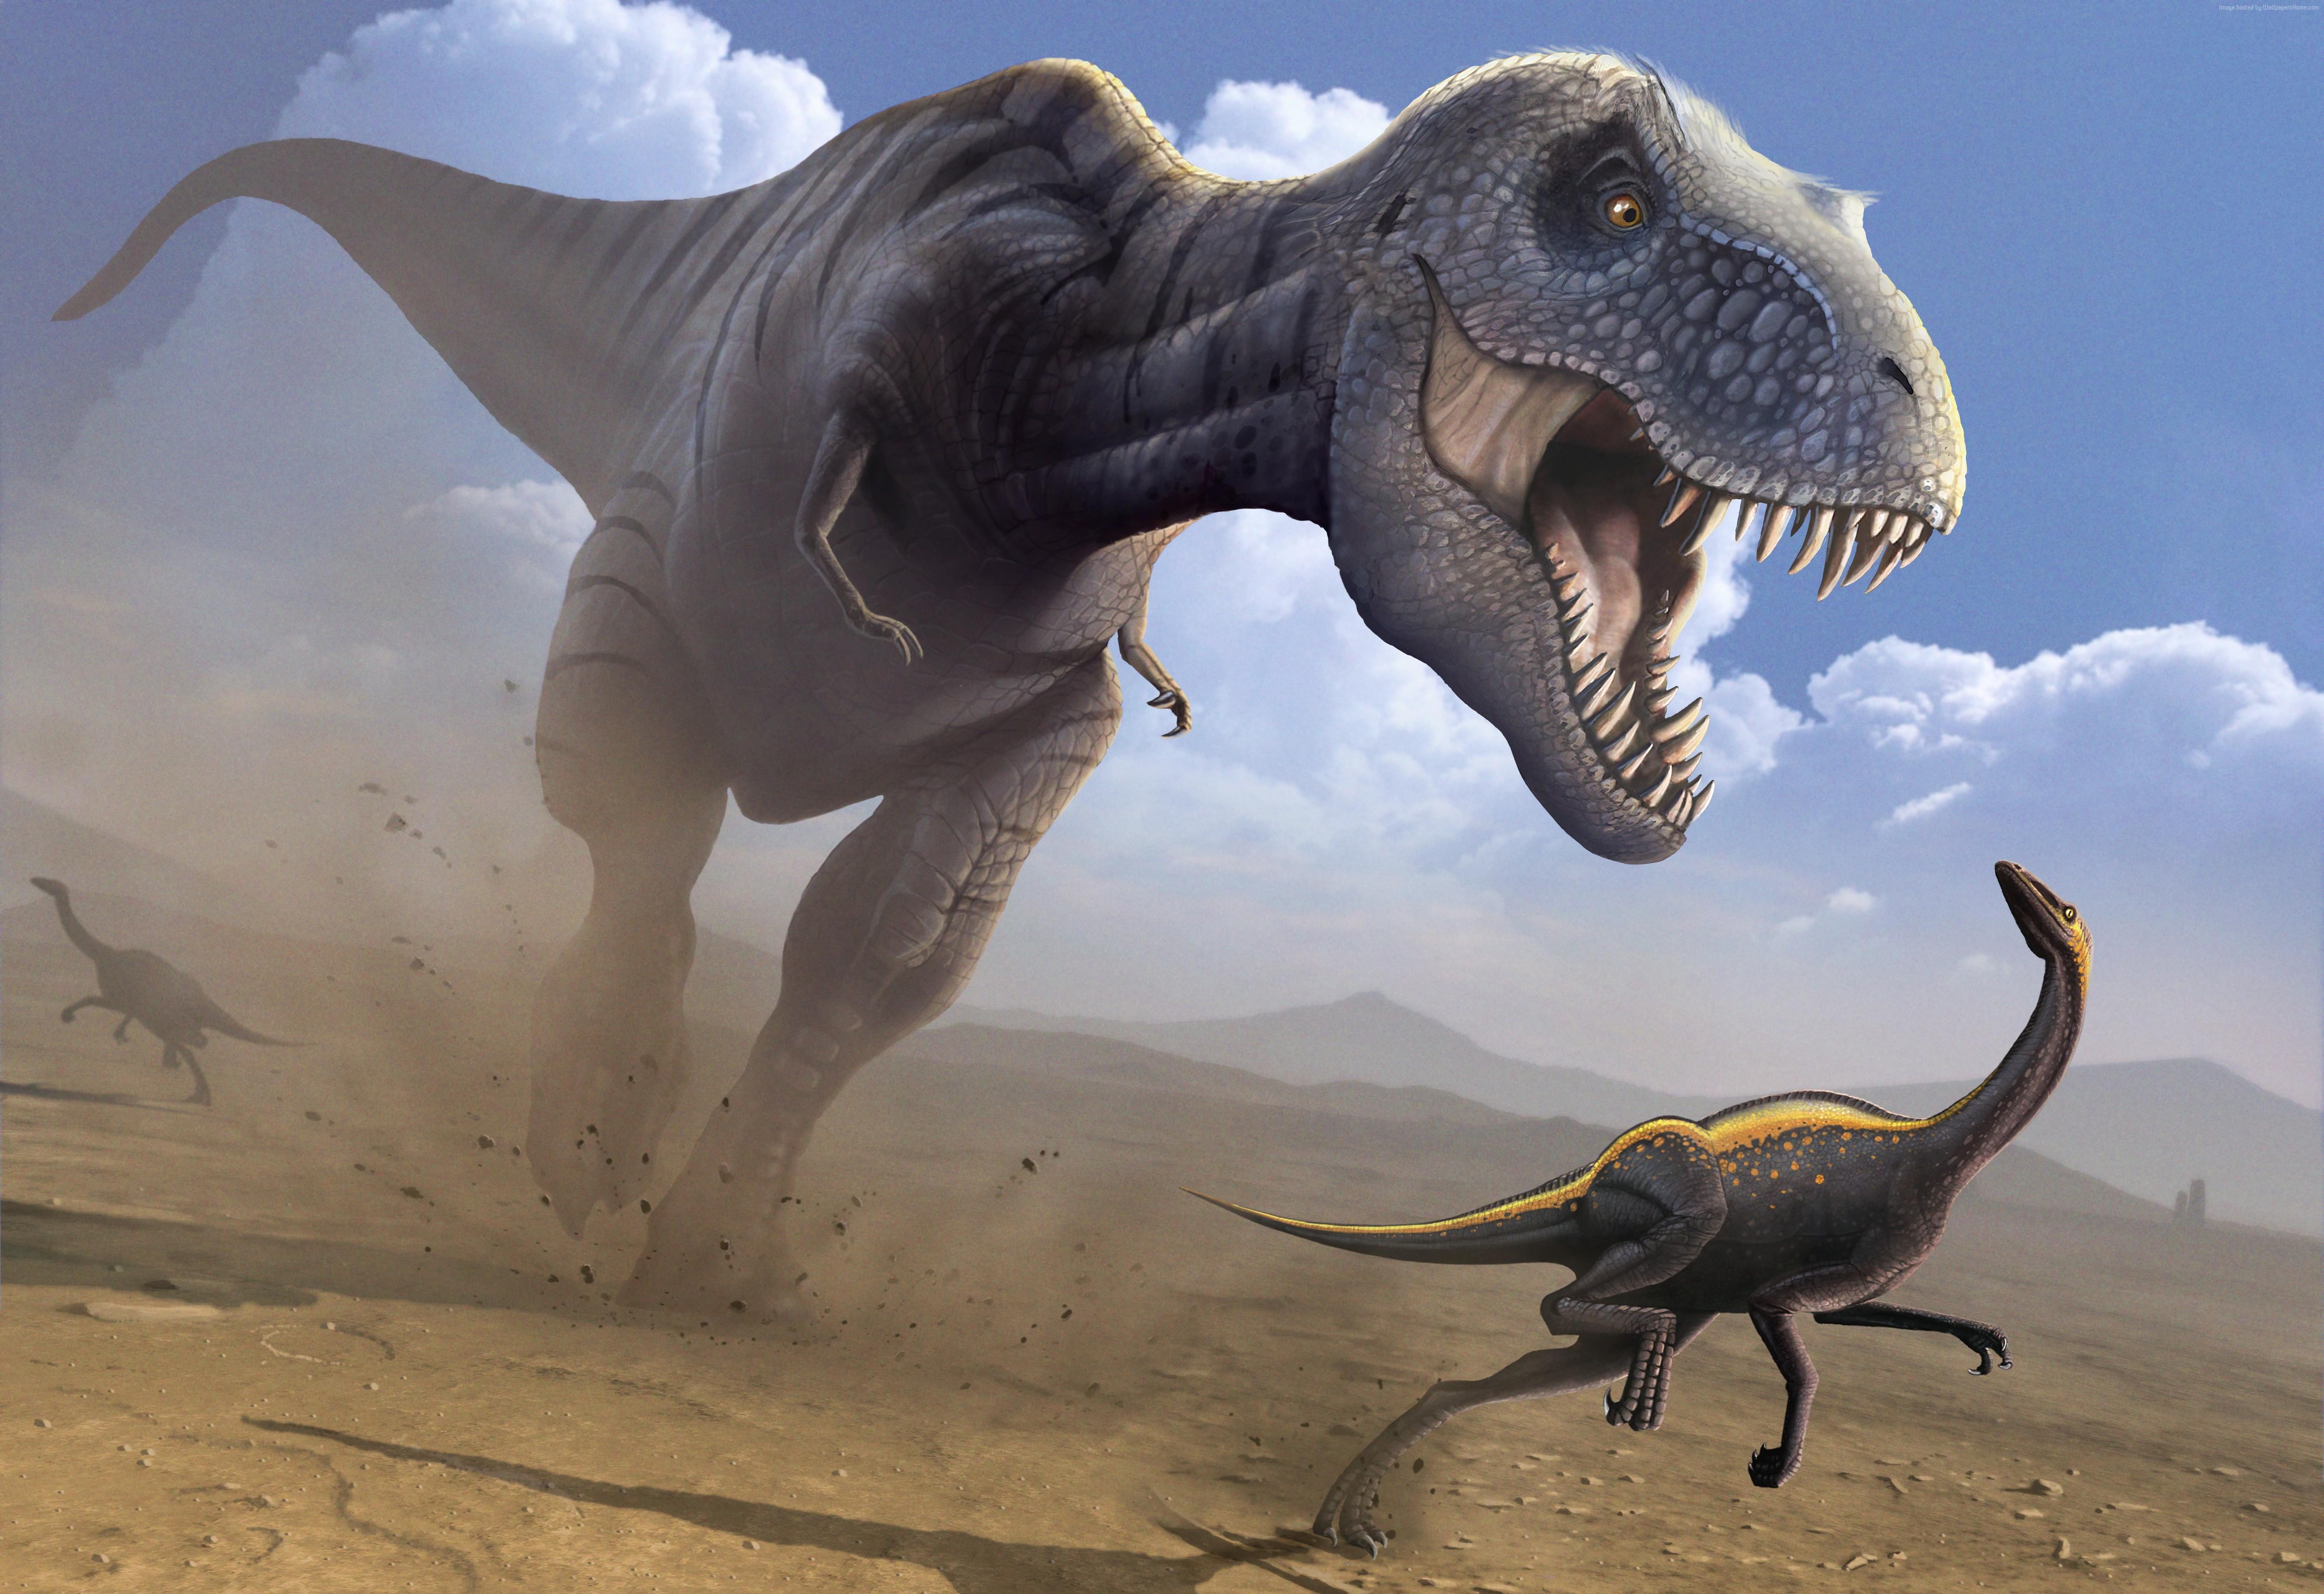 производства картинки большого динозавра второй вариант